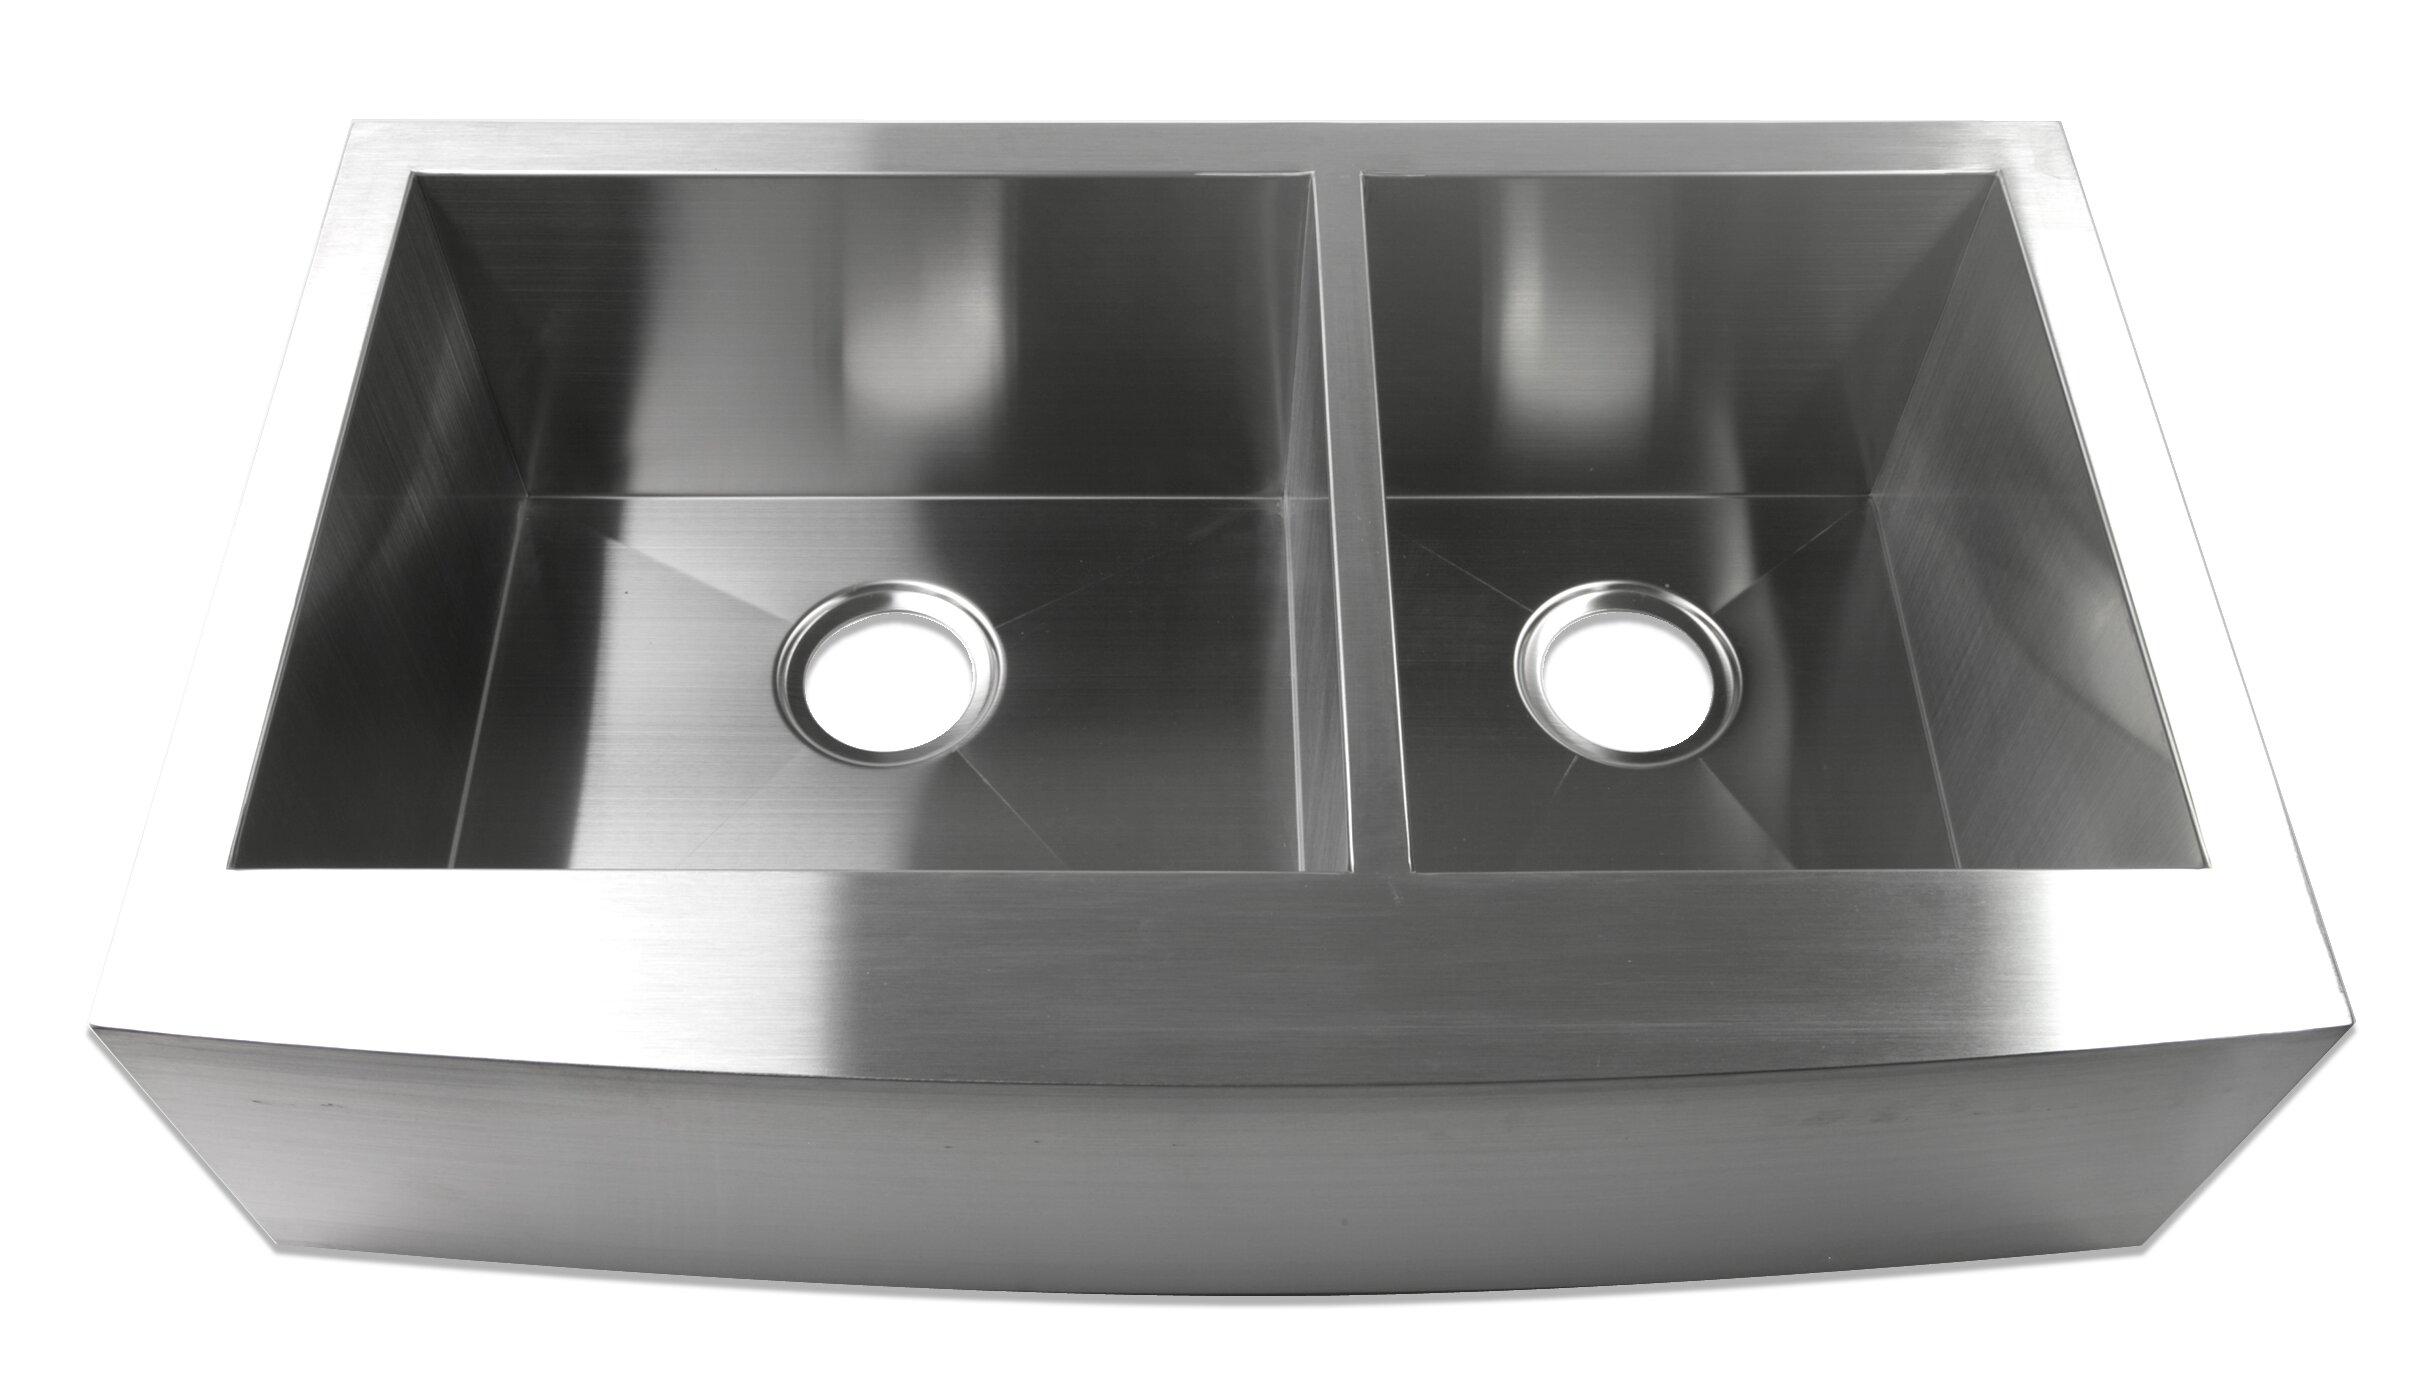 Luxier 33 X 20 Farmhouse A 60 40 Offset Double Bowl Stainless Steel Handmade Zero Radius Kitchen Sink Wayfair